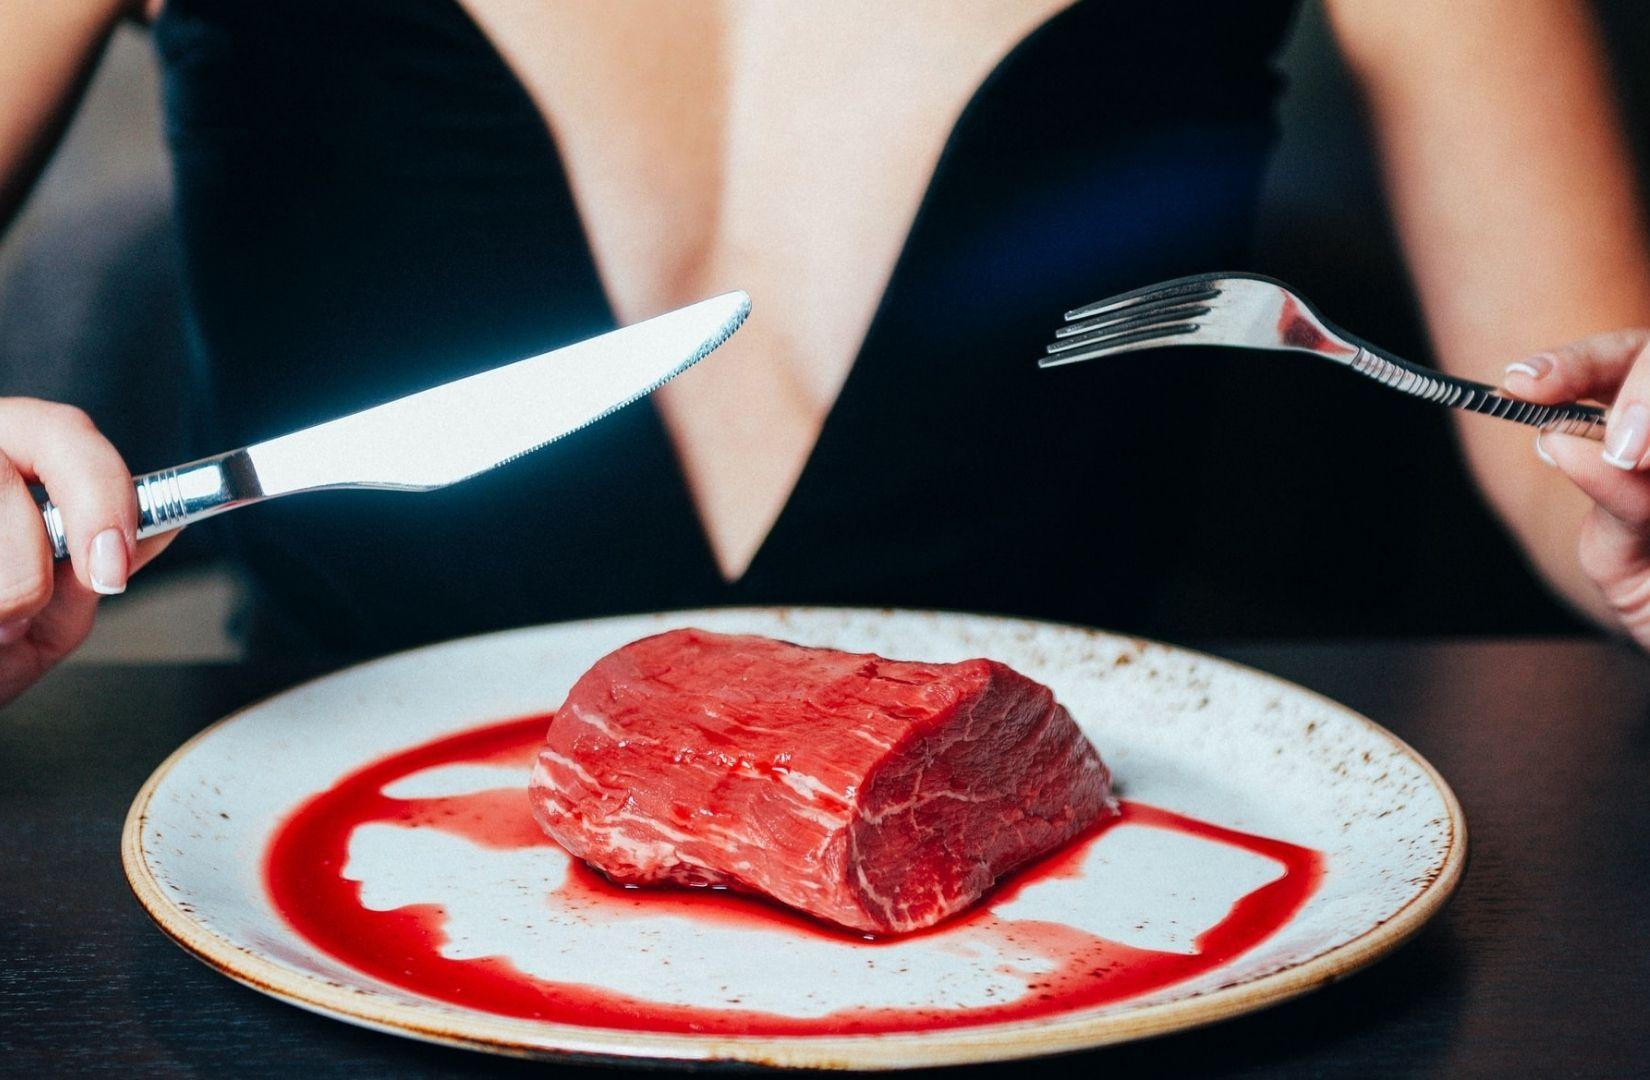 Hunger und Fleisch. (Foto: Vitaliy Zalishchyker, Unsplash.com)